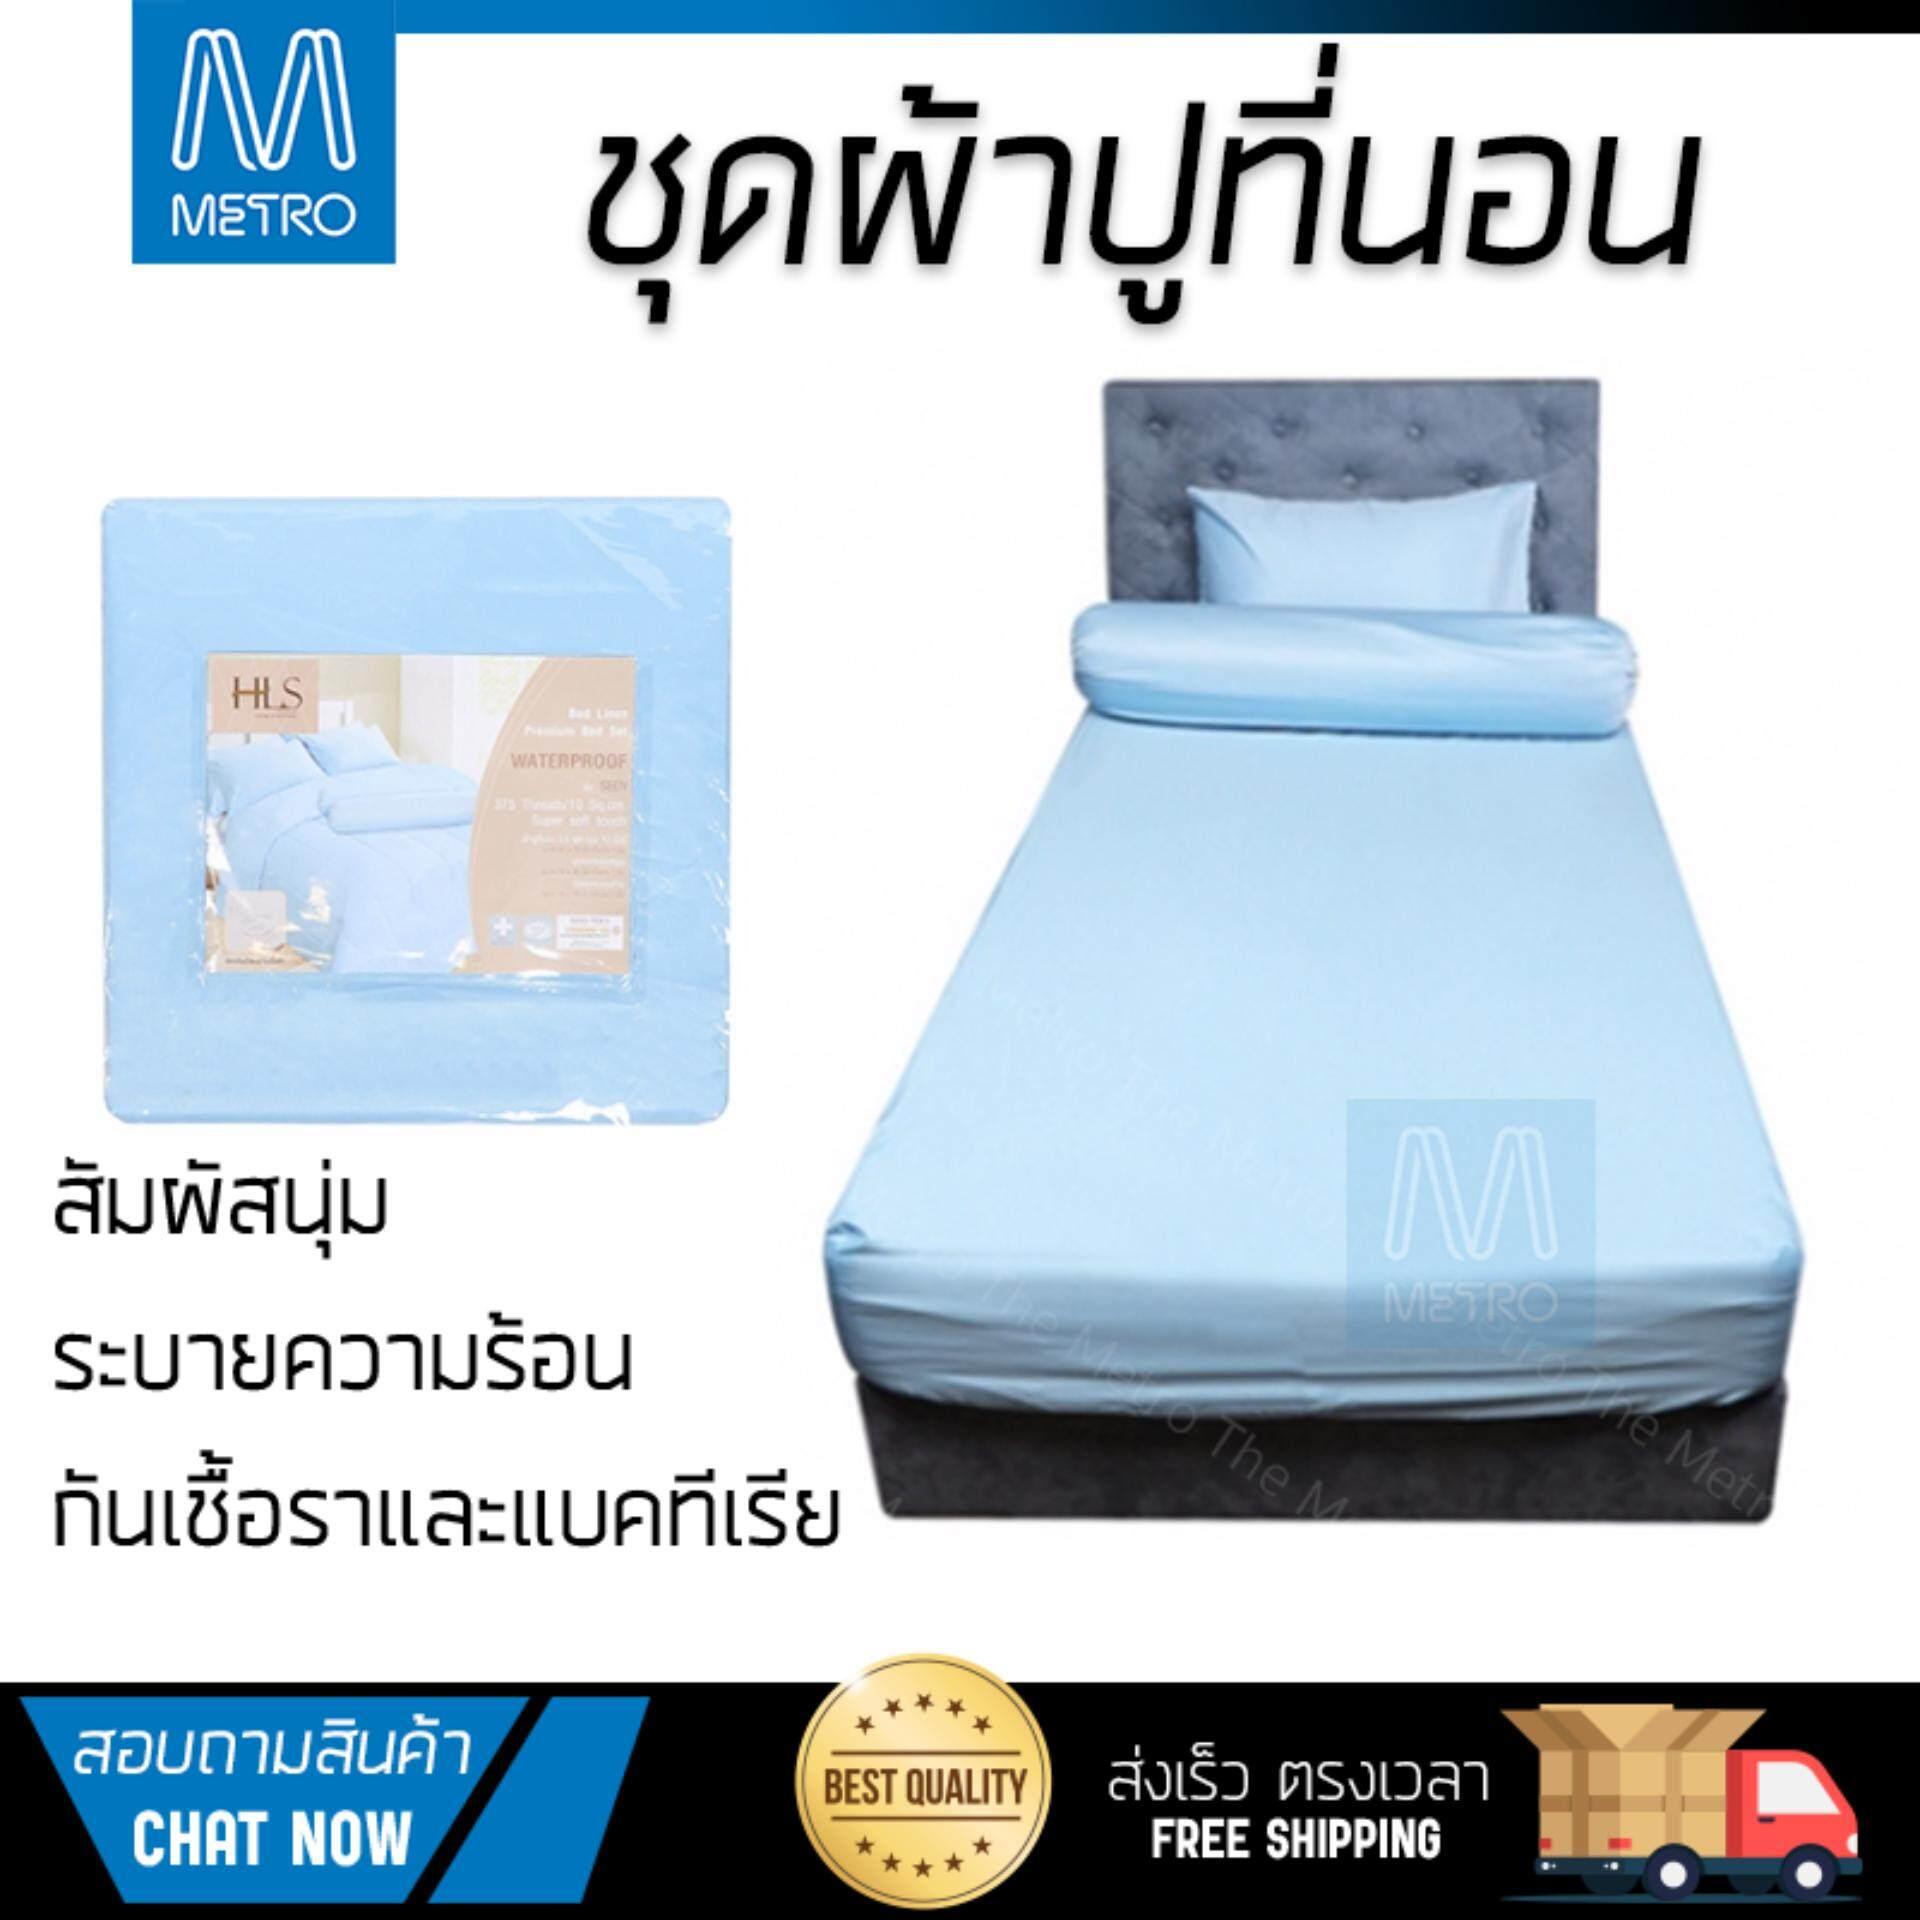 ลดสุดๆ ผ้าปูที่นอน ผ้าปูที่นอนกันไรฝุ่น ผ้าปู T3 HOME LIVING STYLE 375TC SEEN WATERPROOF BLUE | HOME LIVING STYLE | ผ้าปู T HLS กันน้ำ BL สัมผัสนุ่ม นอนหลับสบาย เส้นใยทอพิเศษ ระบายความร้อนได้ดี กันเชื